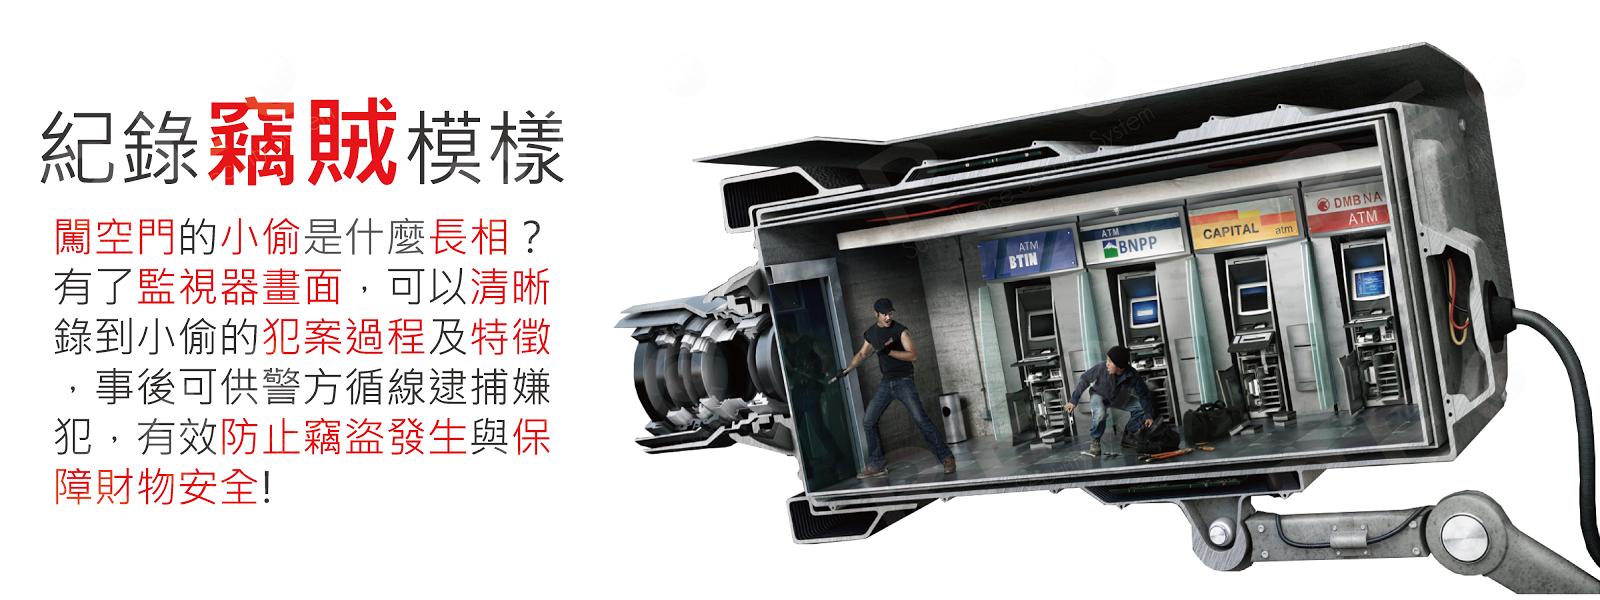 REC銳科安防監控x HD高畫質監視器 x 專業規畫‧安裝‧維修 0800-255-001 : 《 為什麼? 需要監視器?